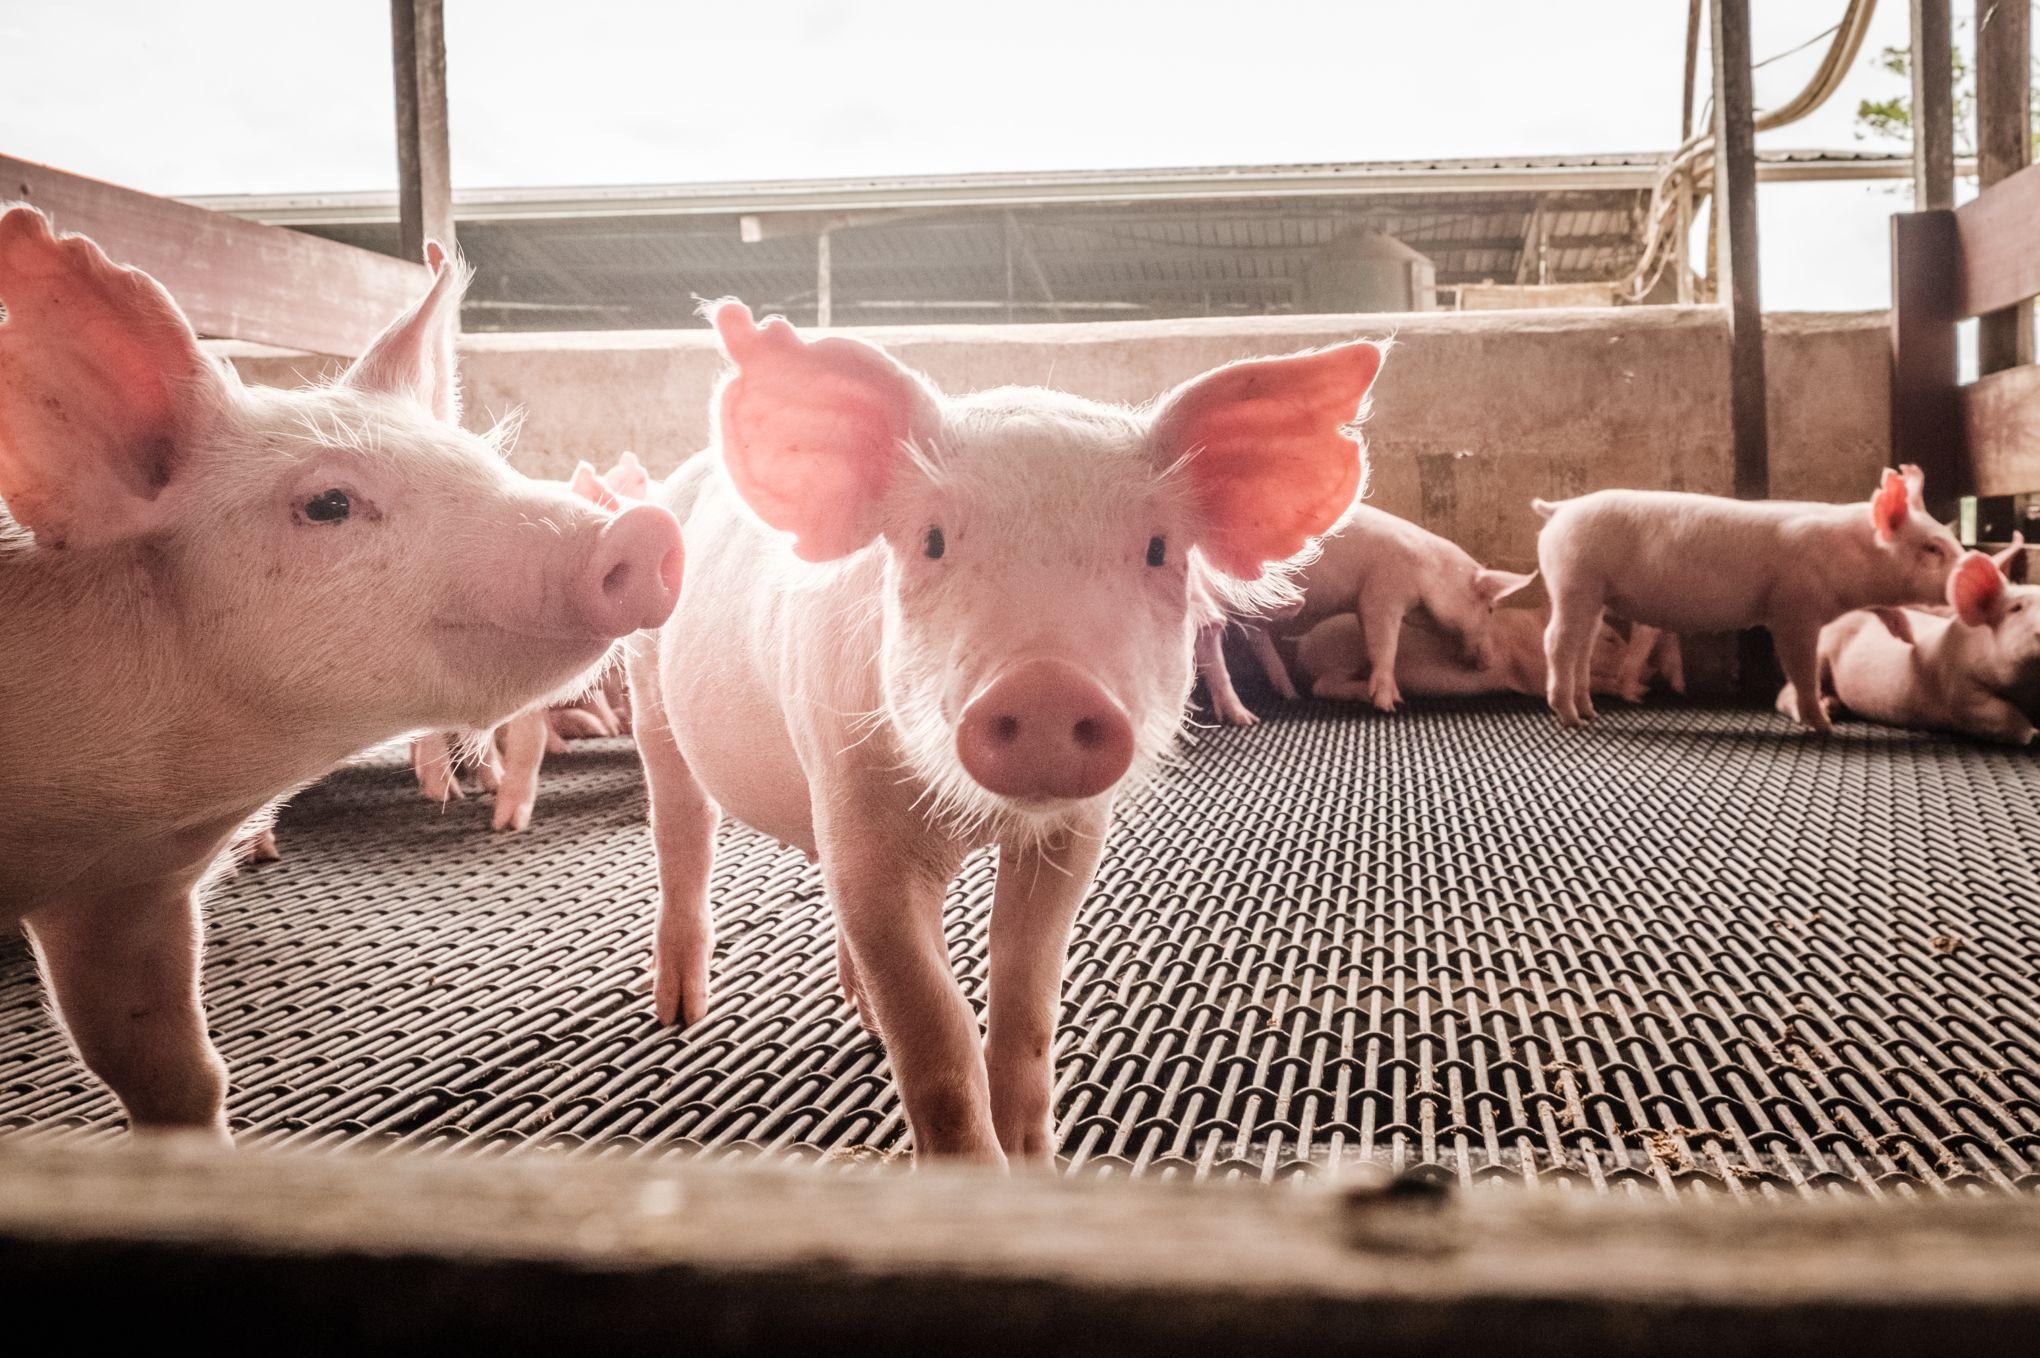 Antibiotiques: la difficile révolution du monde agricole